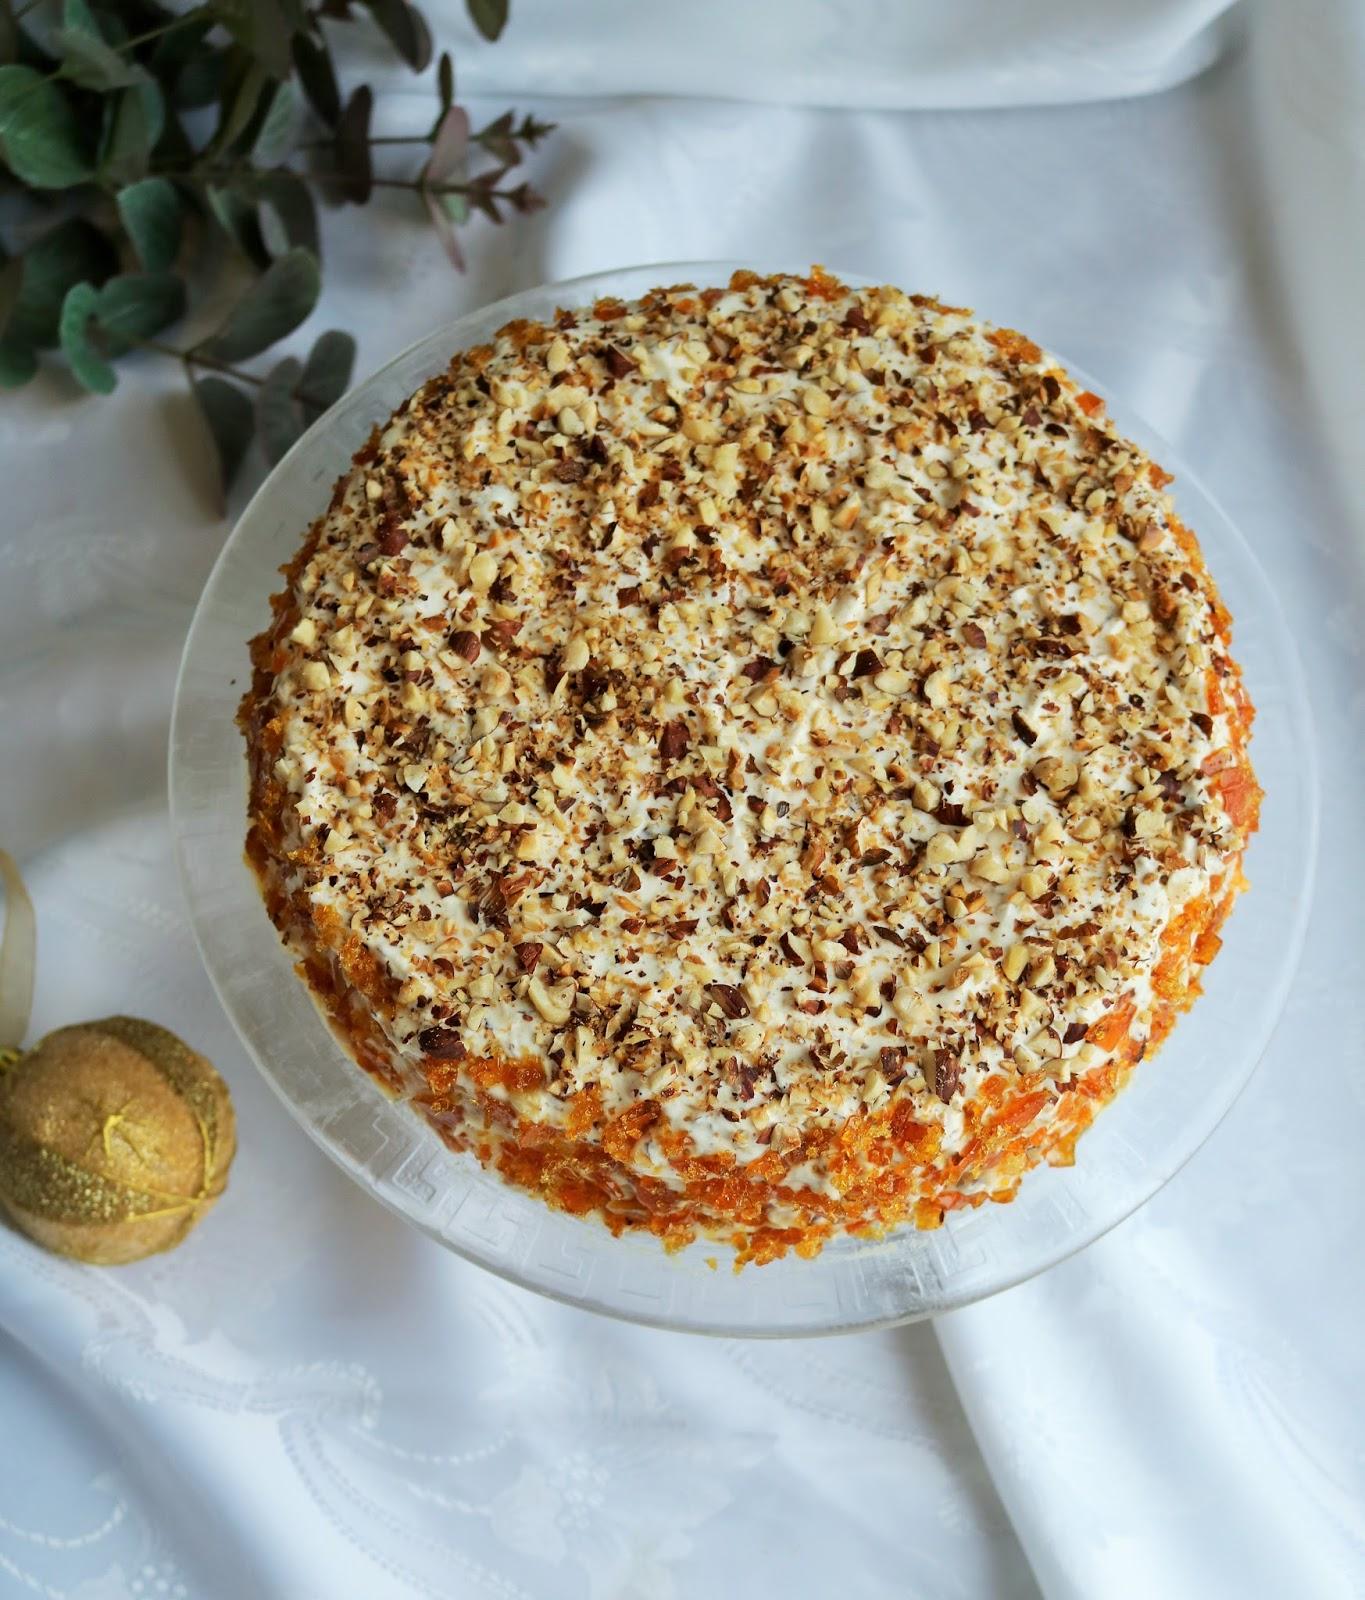 pyszny tort na święta urodziny